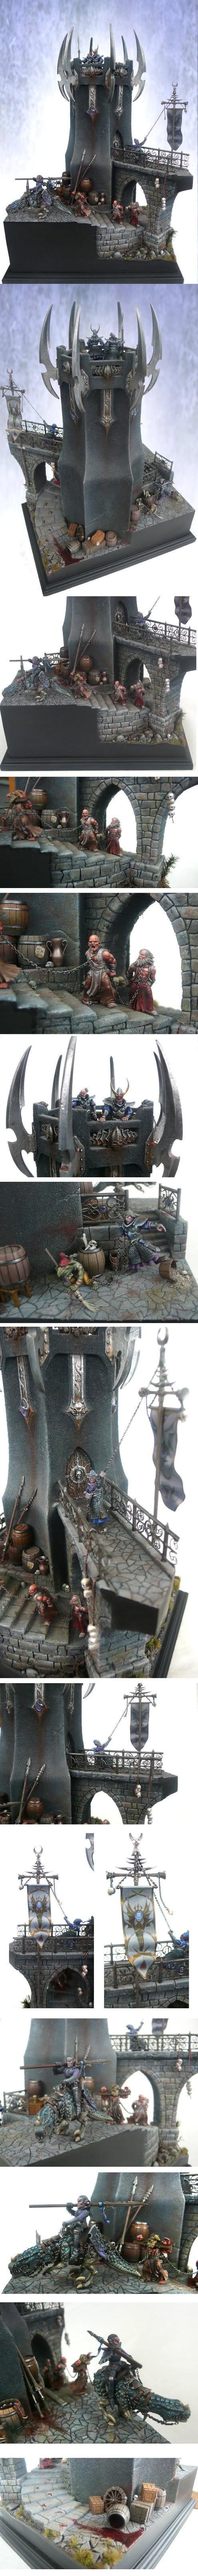 CoolMiniOrNot - Dark elves tower by derwish